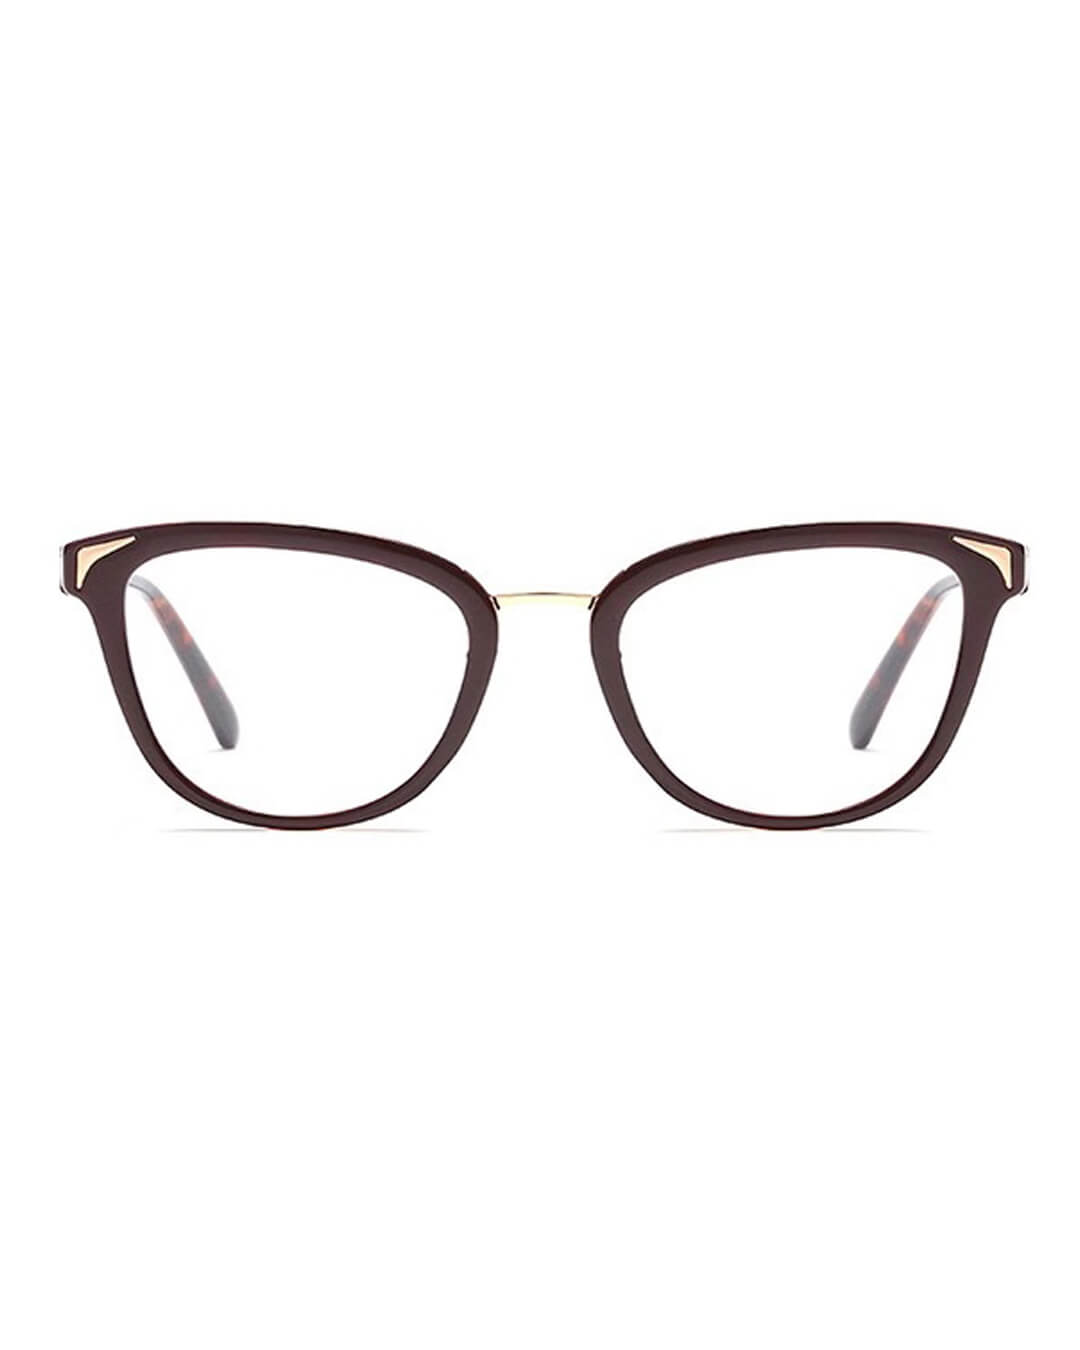 Burgundy Eyewear